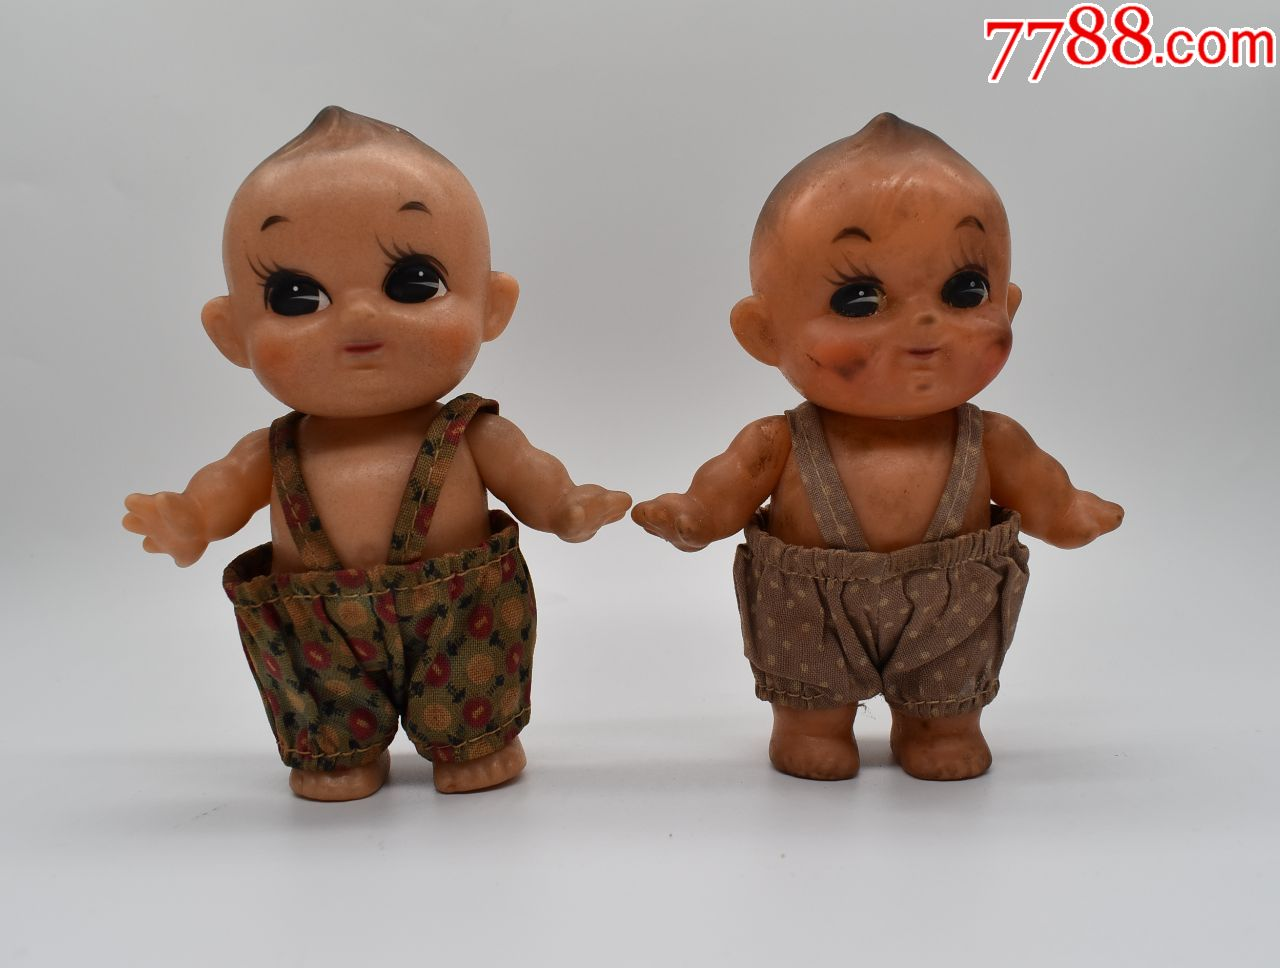 """五~六十年代�z皮娃玩具""""哥�z好""""(au21427036)_"""